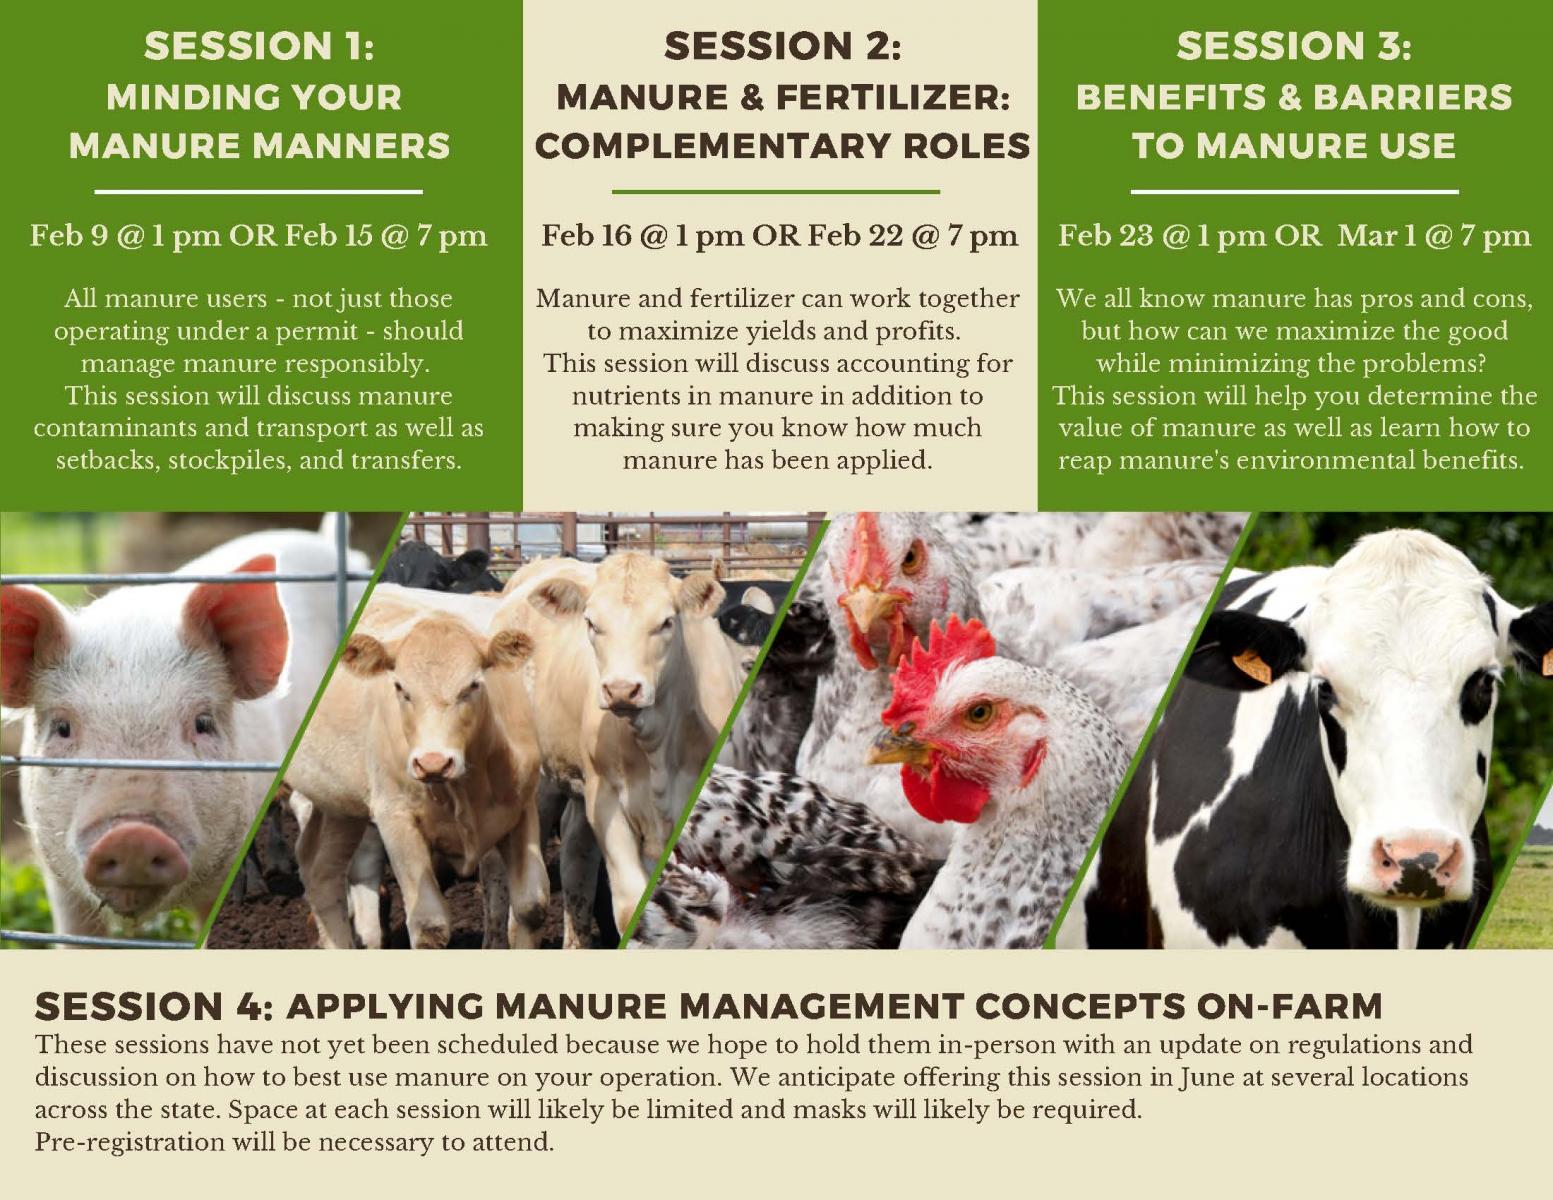 session descriptions